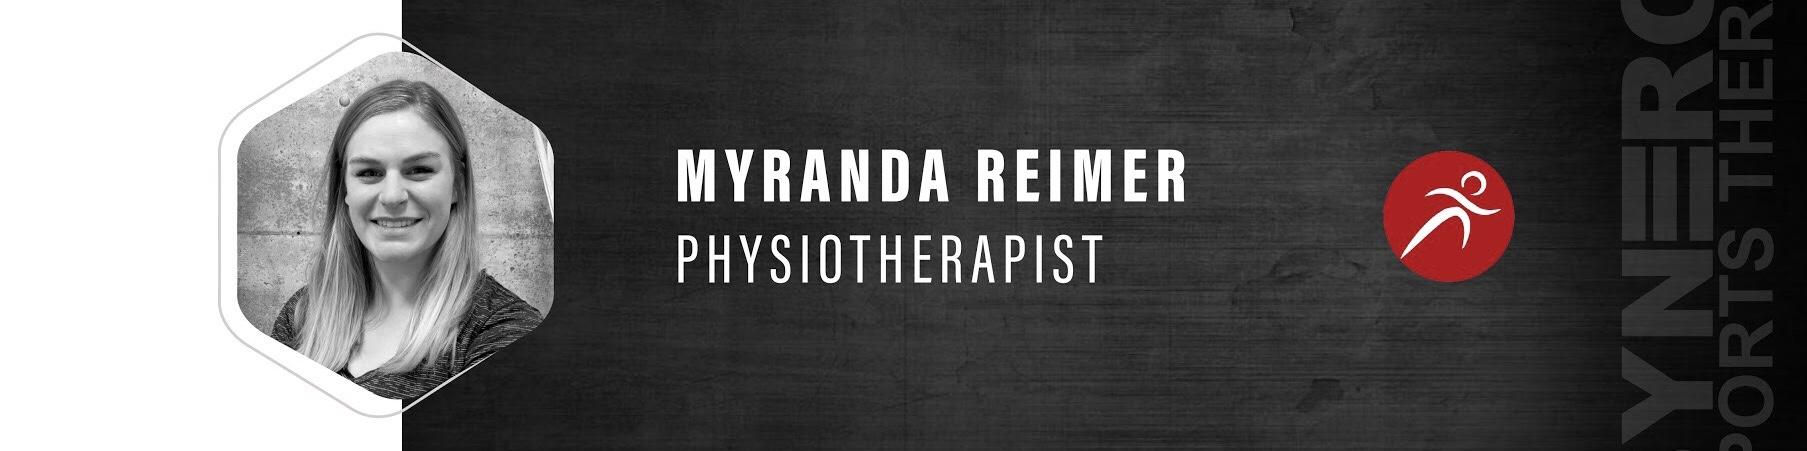 Myranda Reimer Physiotherapy.jpg